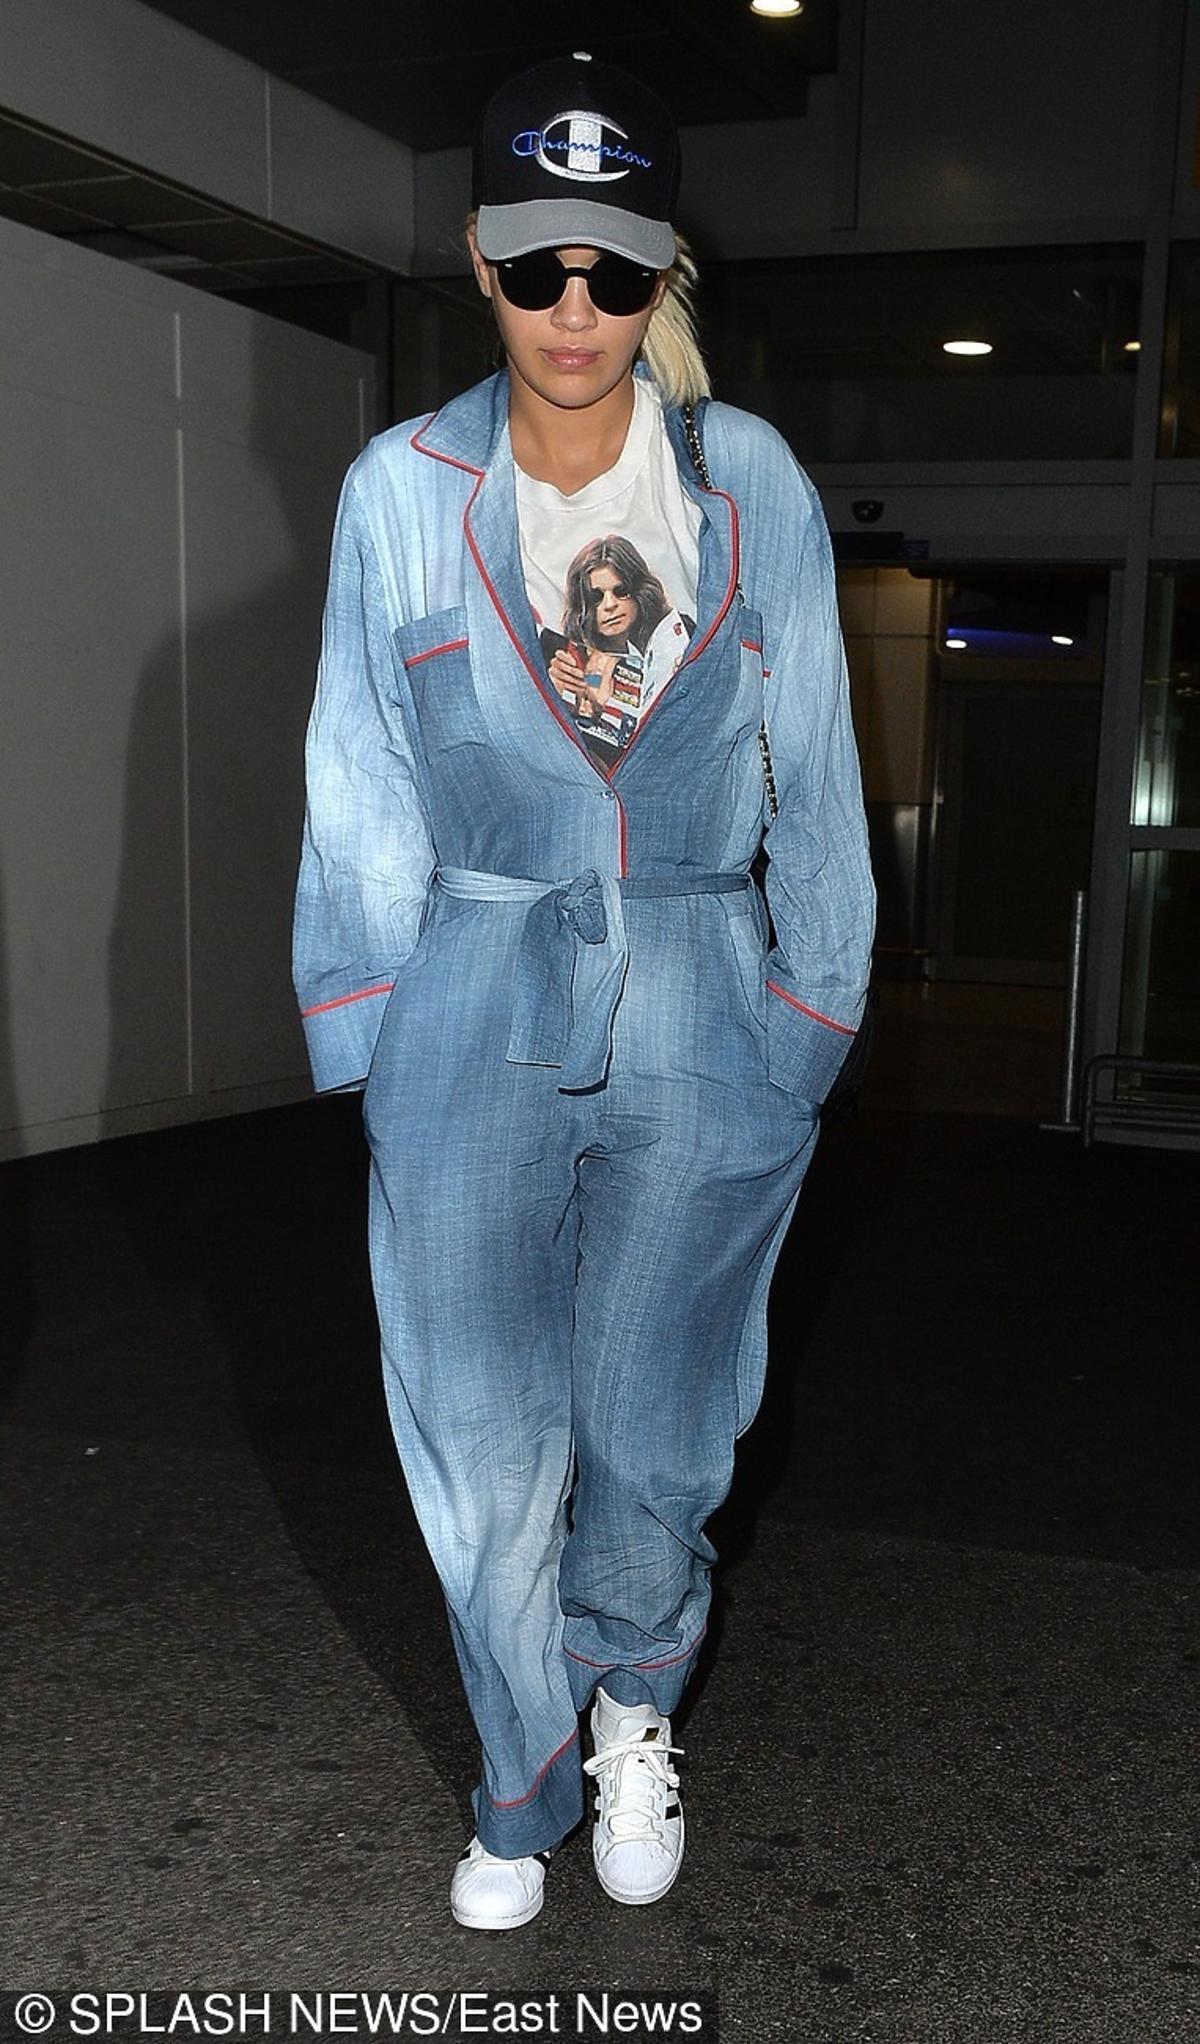 Rita Ora w dżinsowym kombinezonie, białek koszulce z nadrukiem  z czapekczką z daszkiem